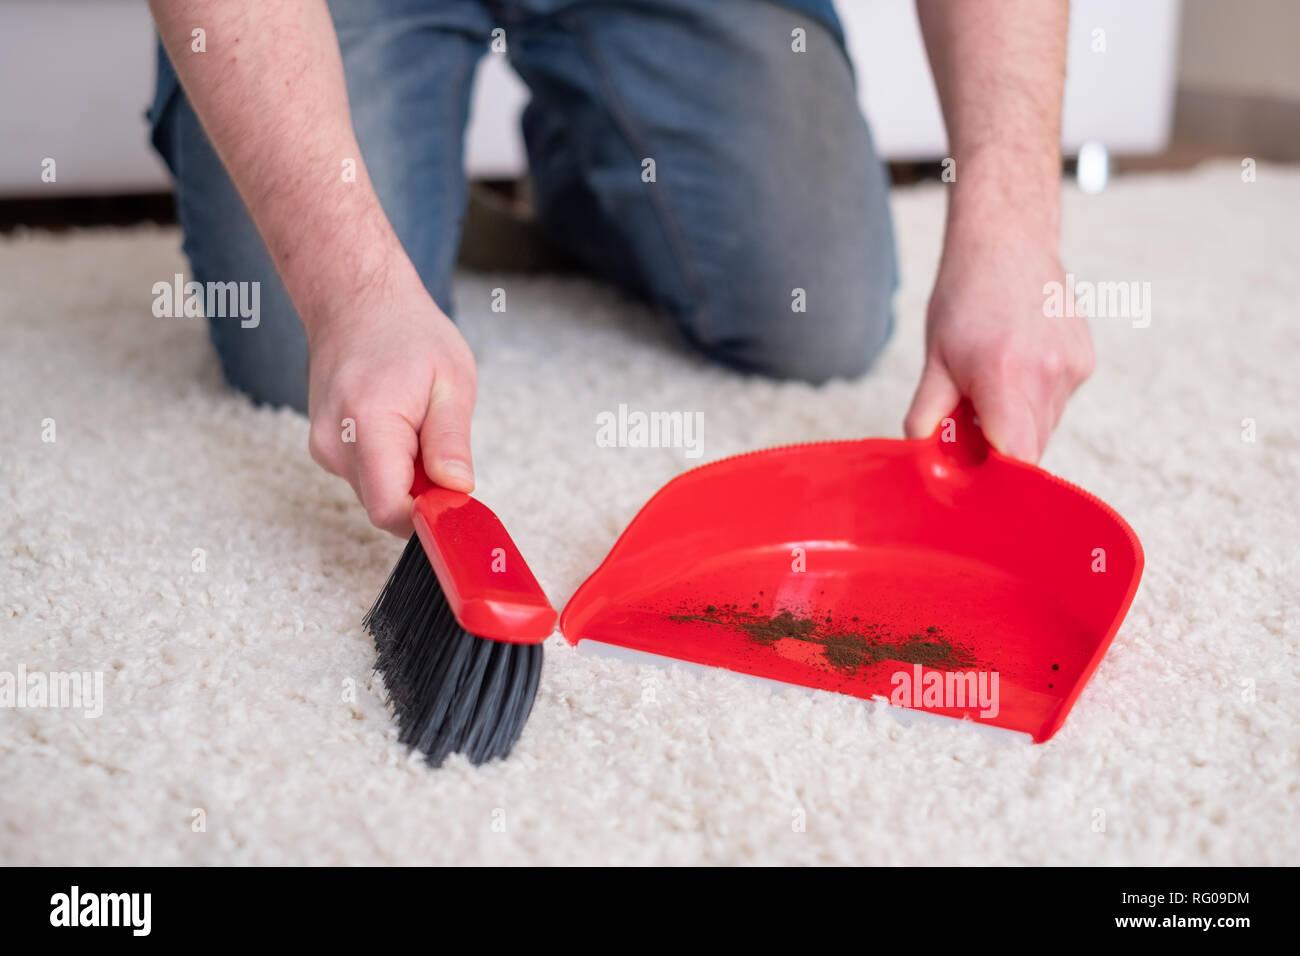 Reinigung Teppich Mit Kleinen Besen Und Kehrblech Rot Stockfoto